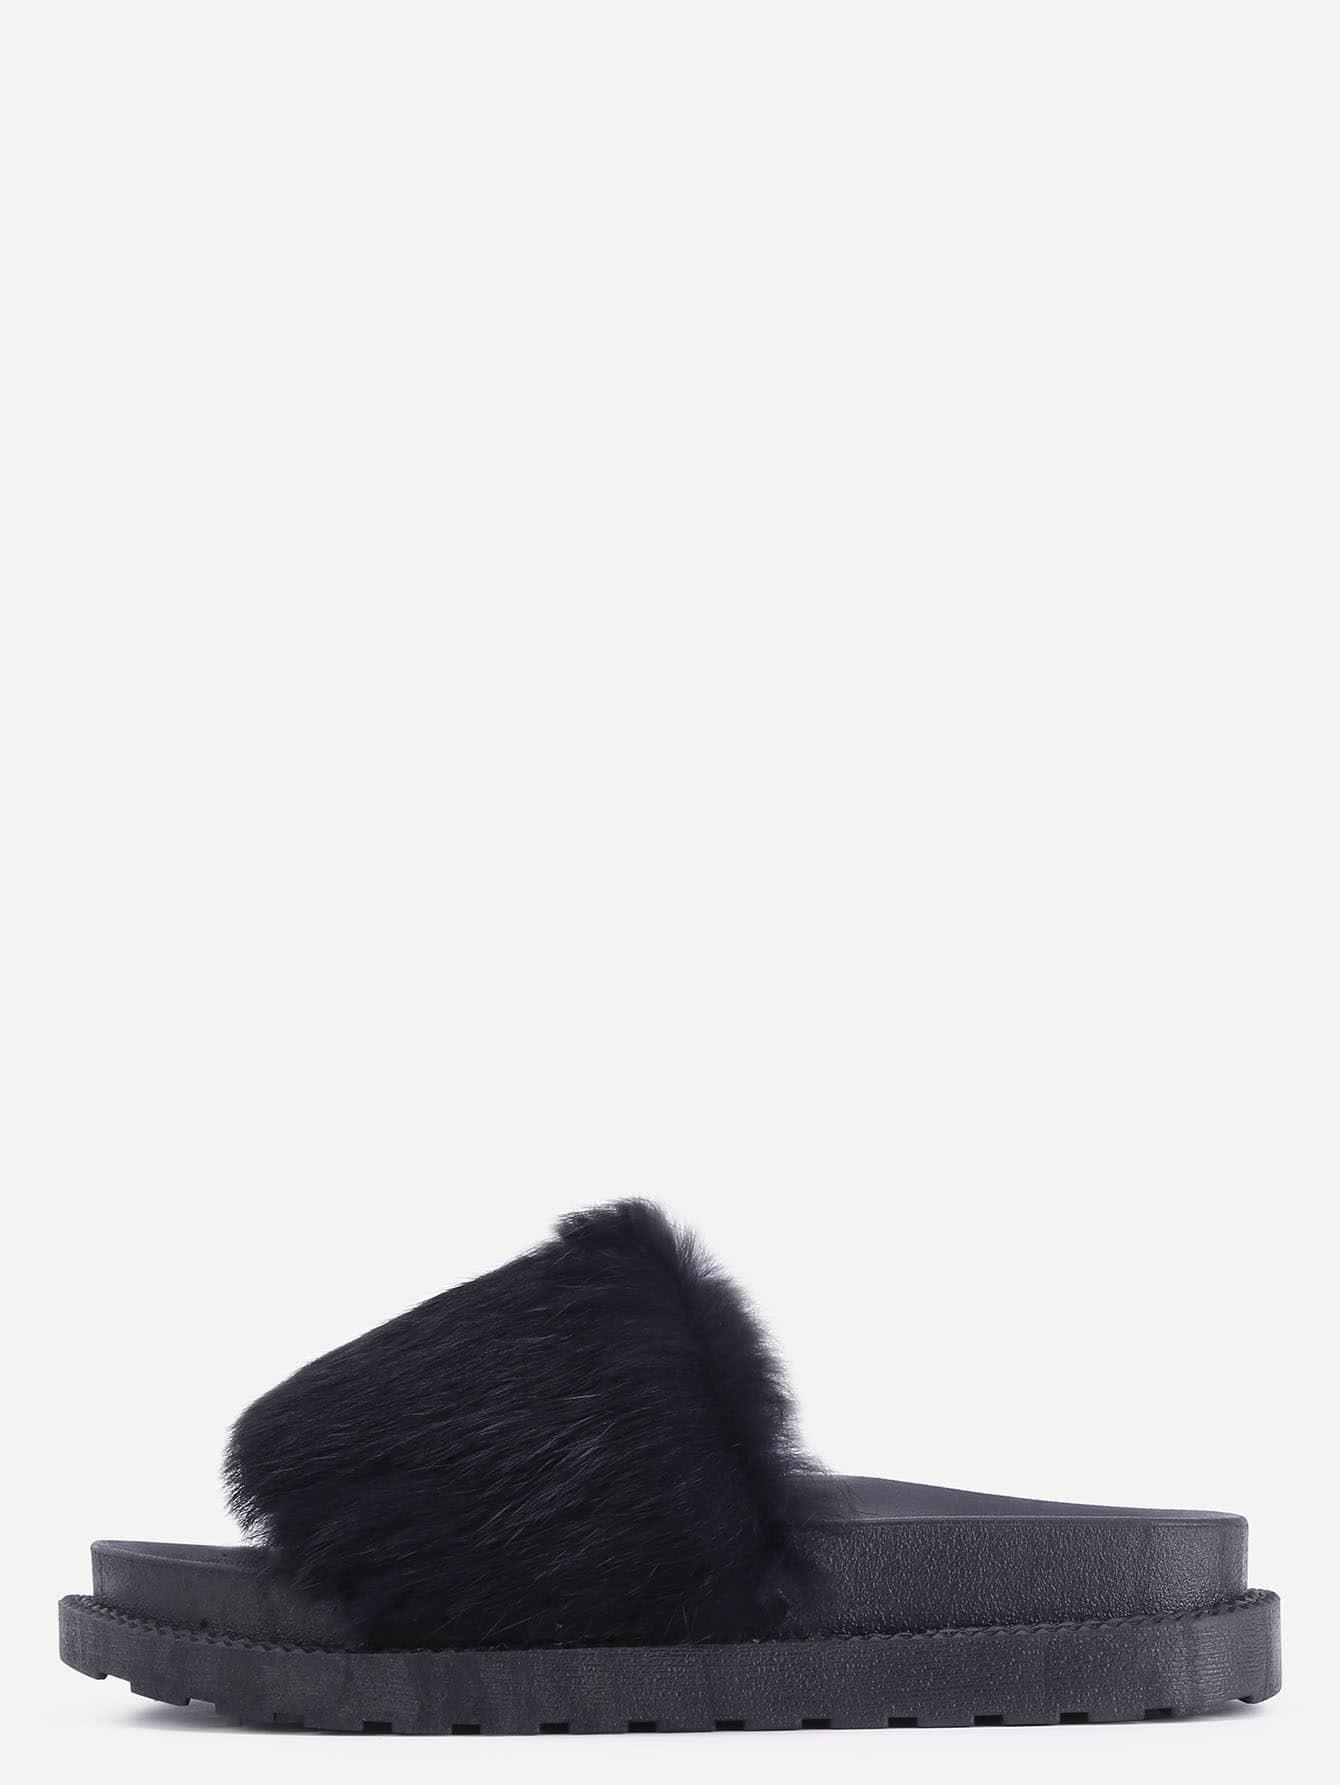 shoes160921801_2